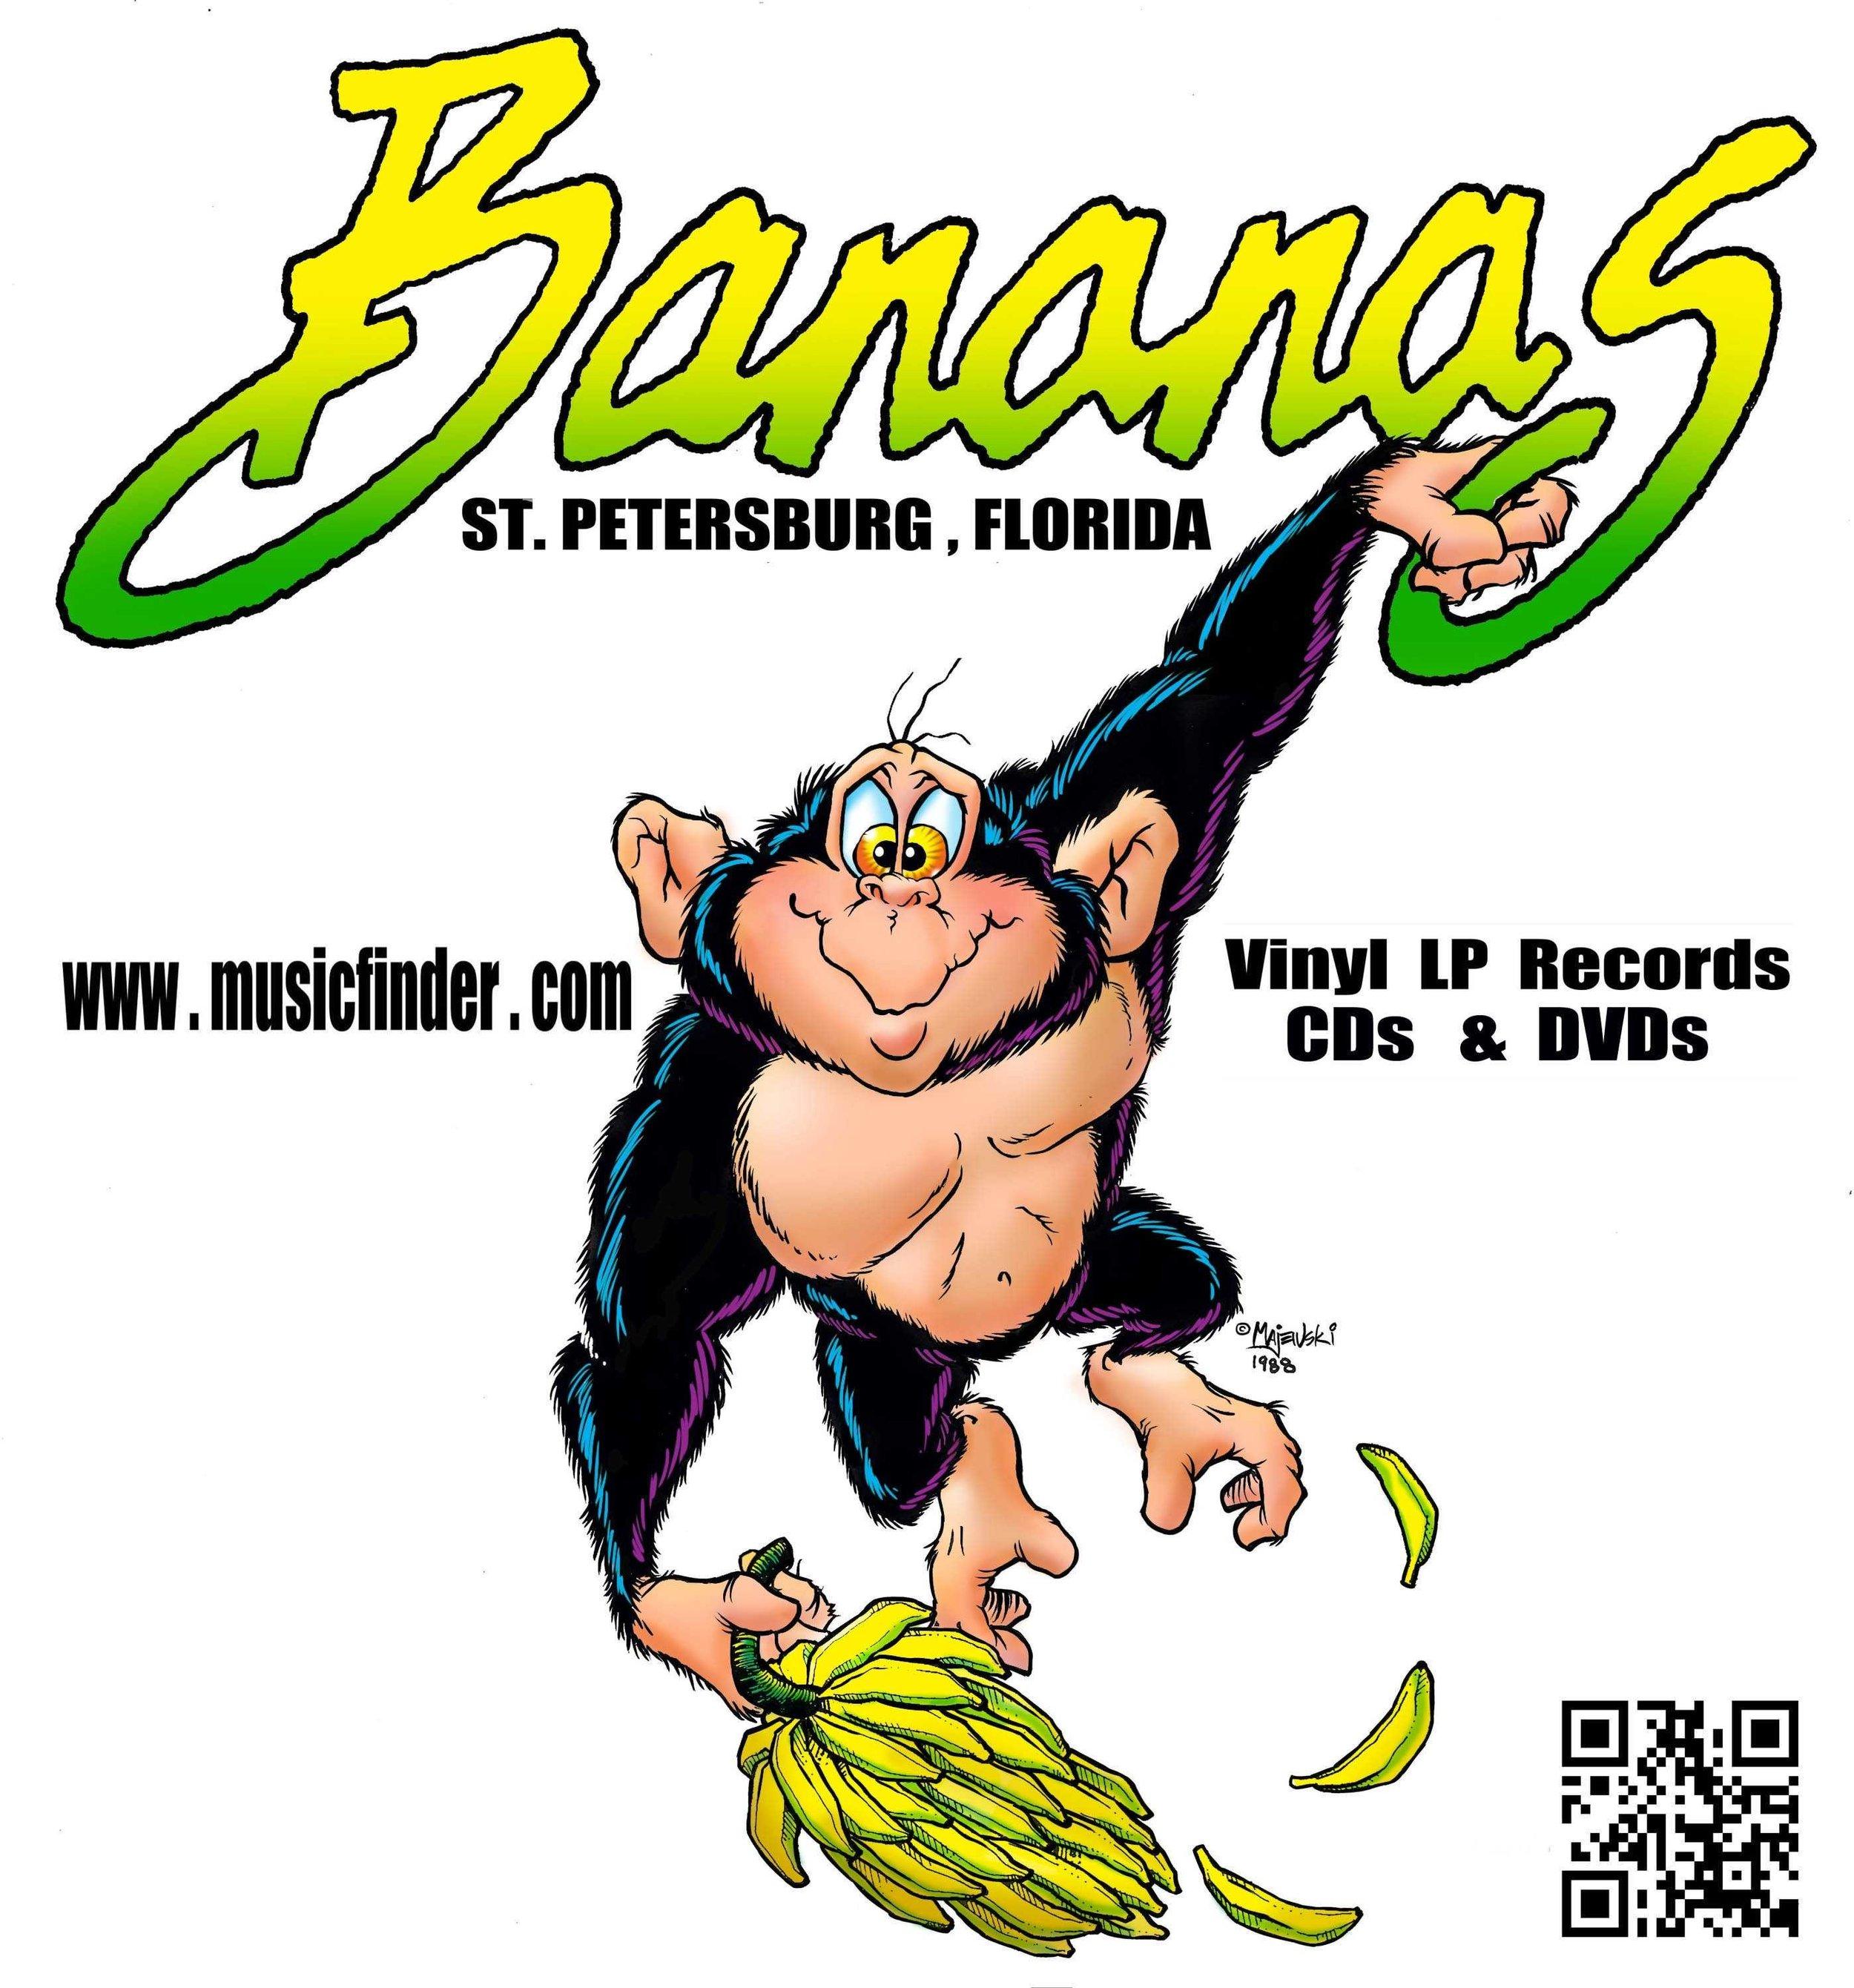 Bananasnewrightlogo1_WEB (1).jpg